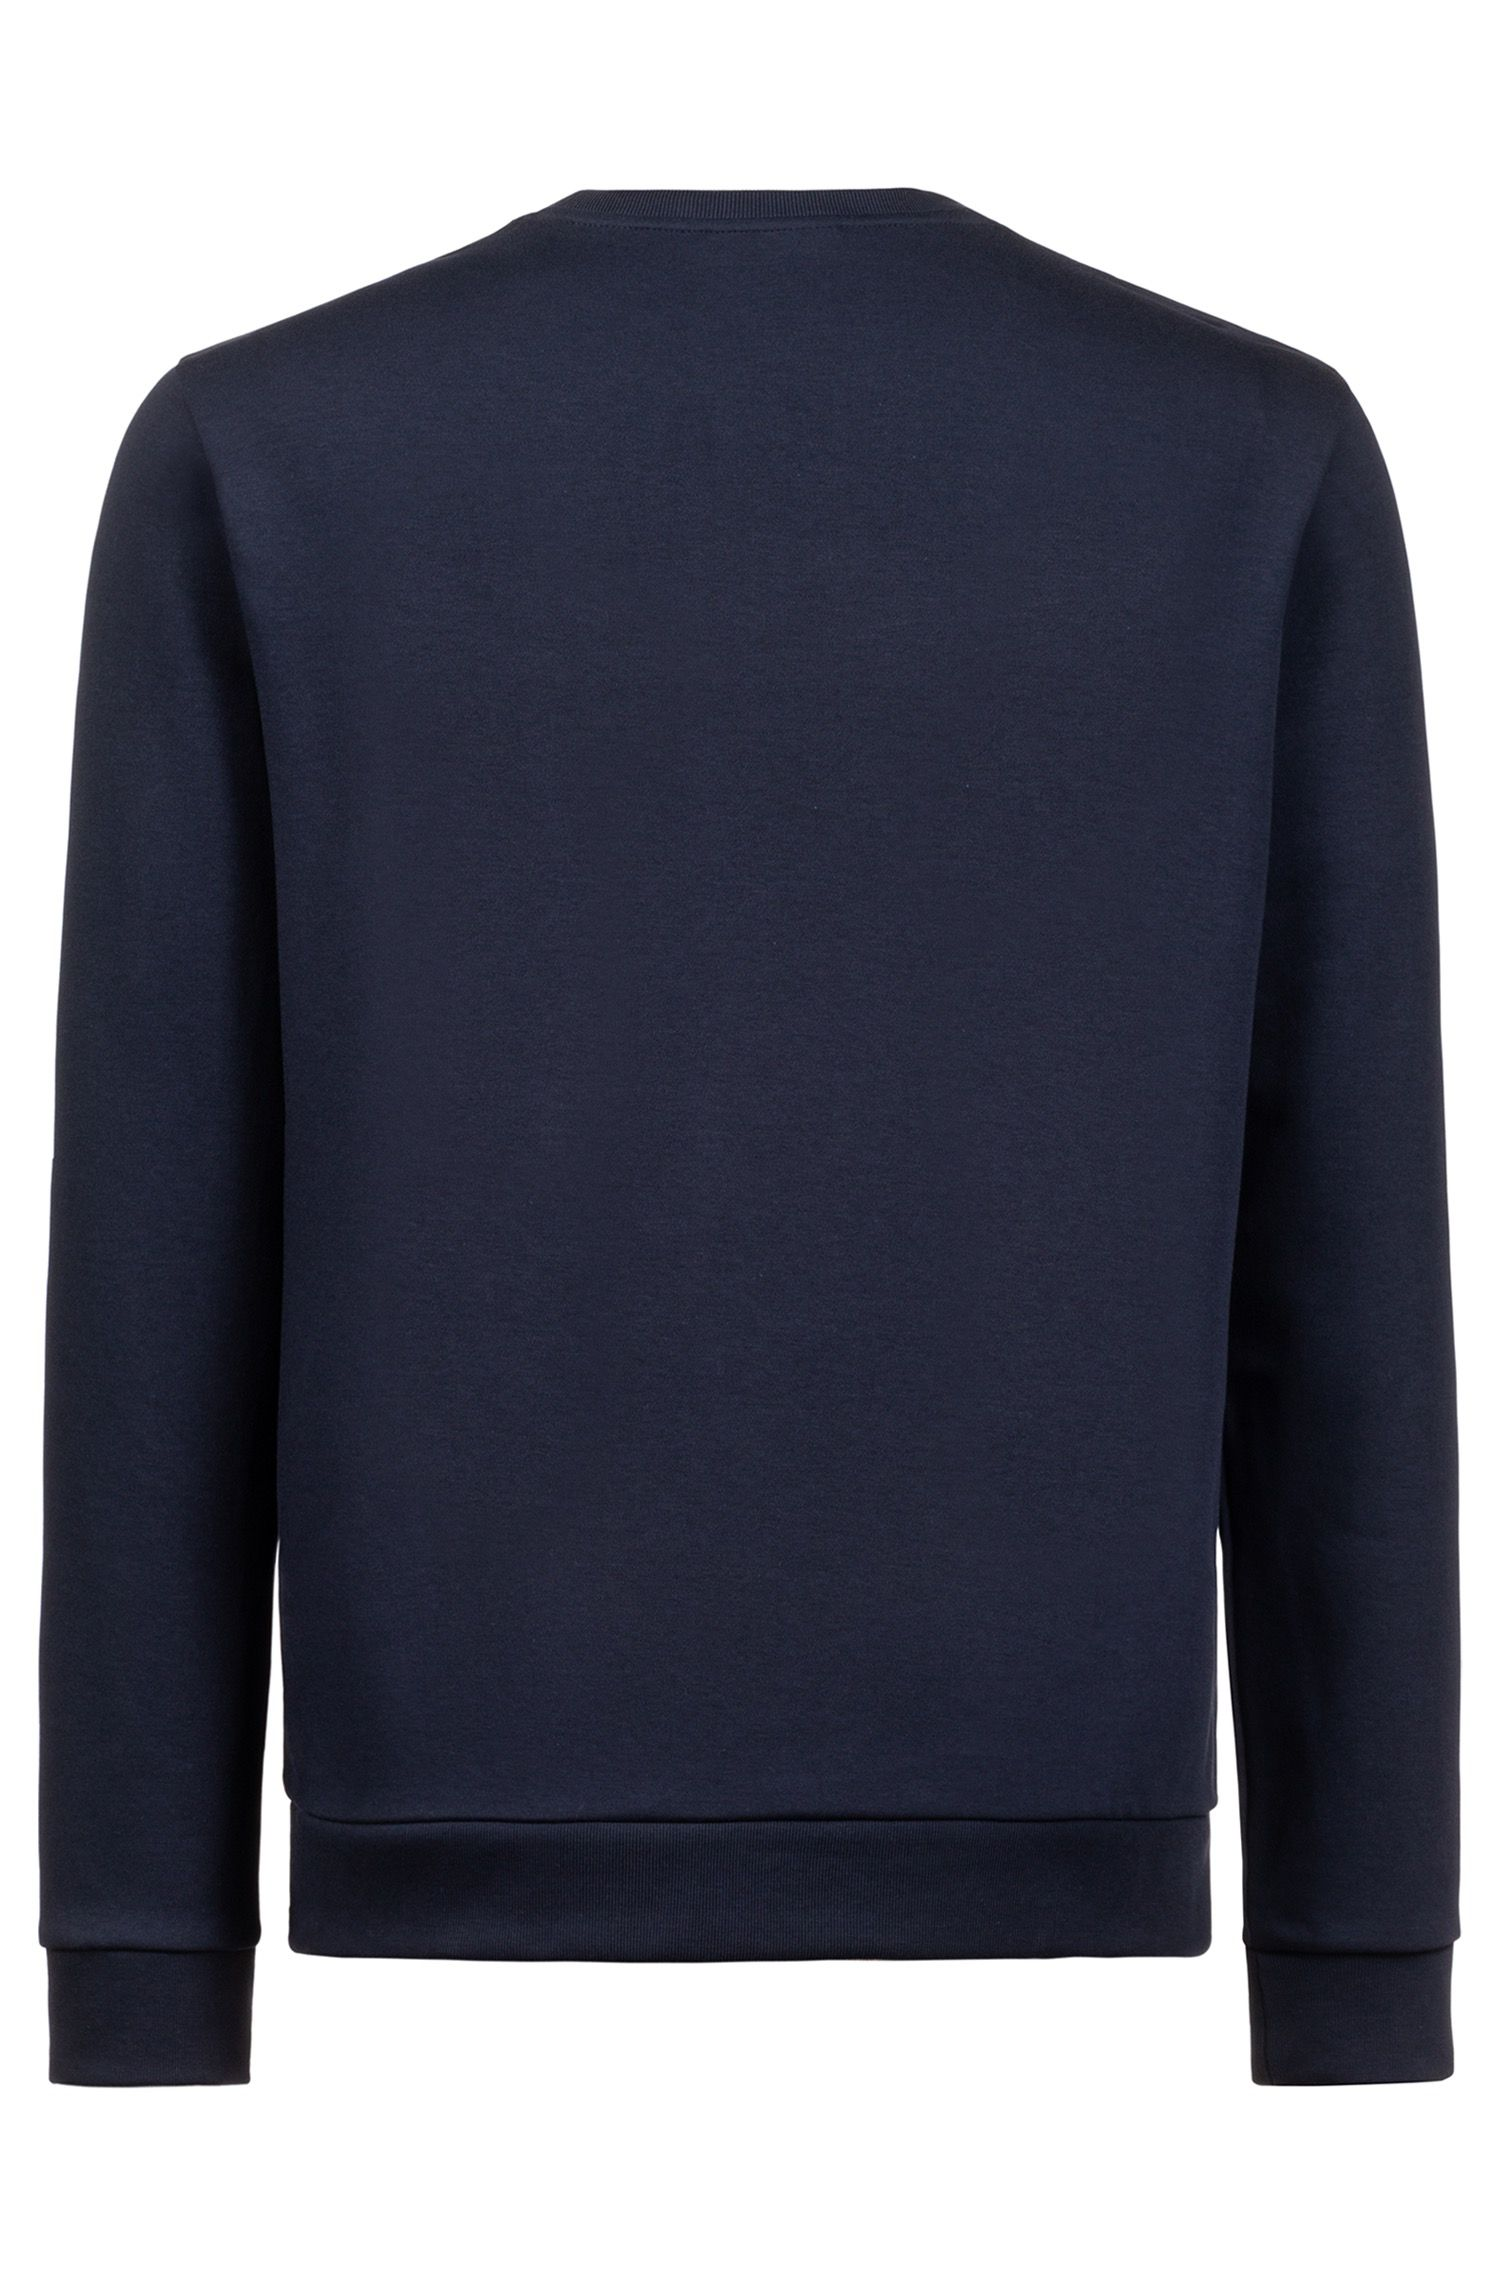 Sweatshirt aus Interlock-Baumwolle mit spiegelverkehrtem Logo, Dunkelblau